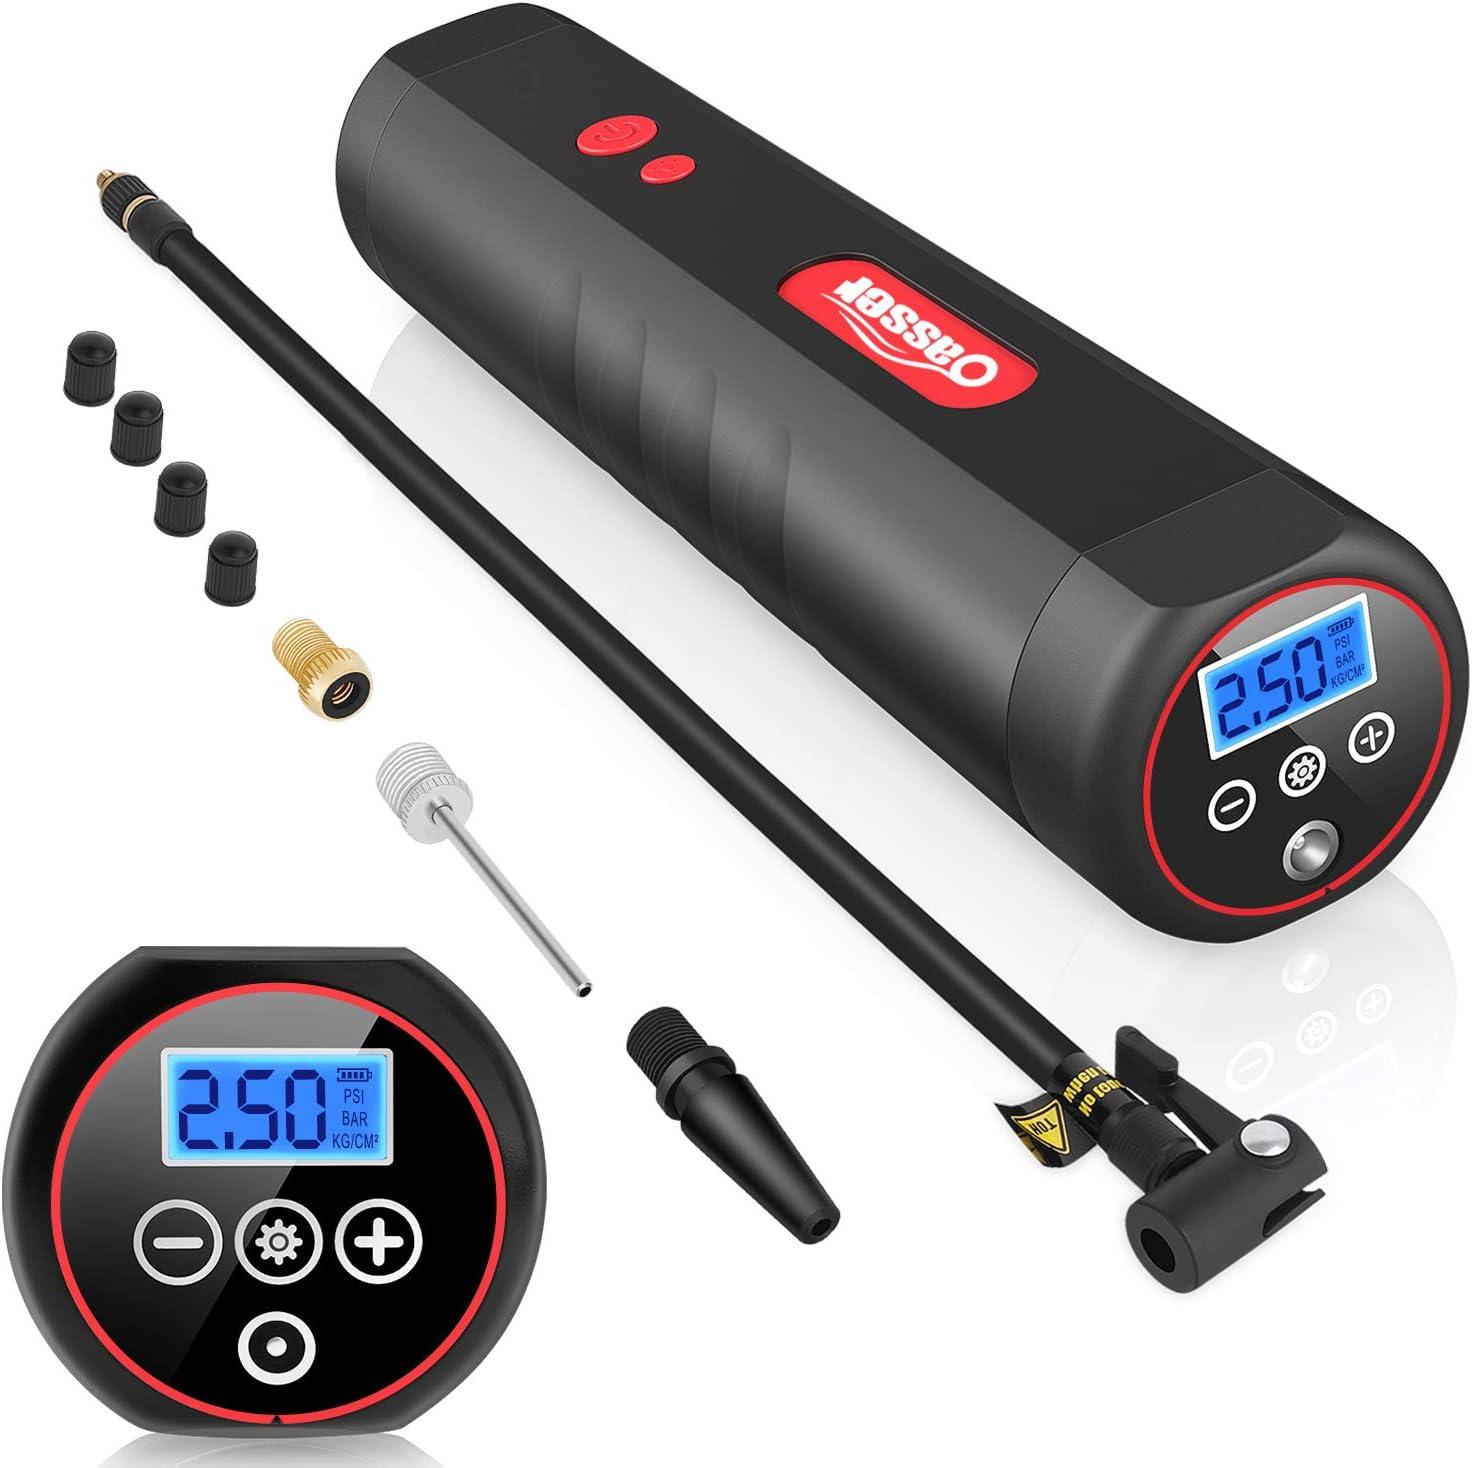 Oasser Compresor de Aire Portátil Mini Bomba de Inflado Eléctrica con Indicador de Presión LCD Digital de 120PSI 2000mAh Batería